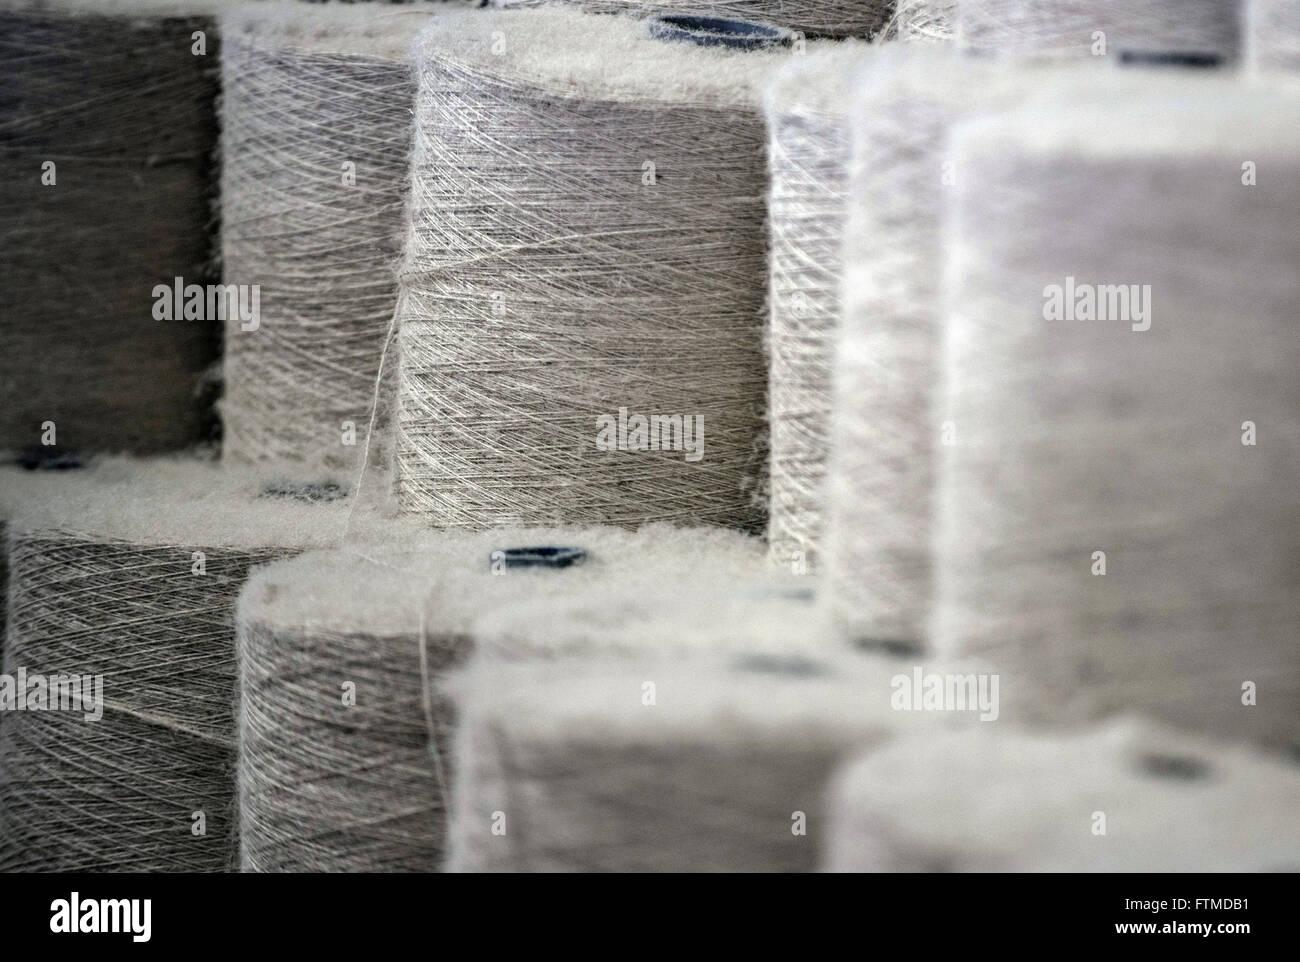 37da319df Detalle de rollos de yute fabrica embolsado · Pulsar Imagens / Alamy Foto  de stock